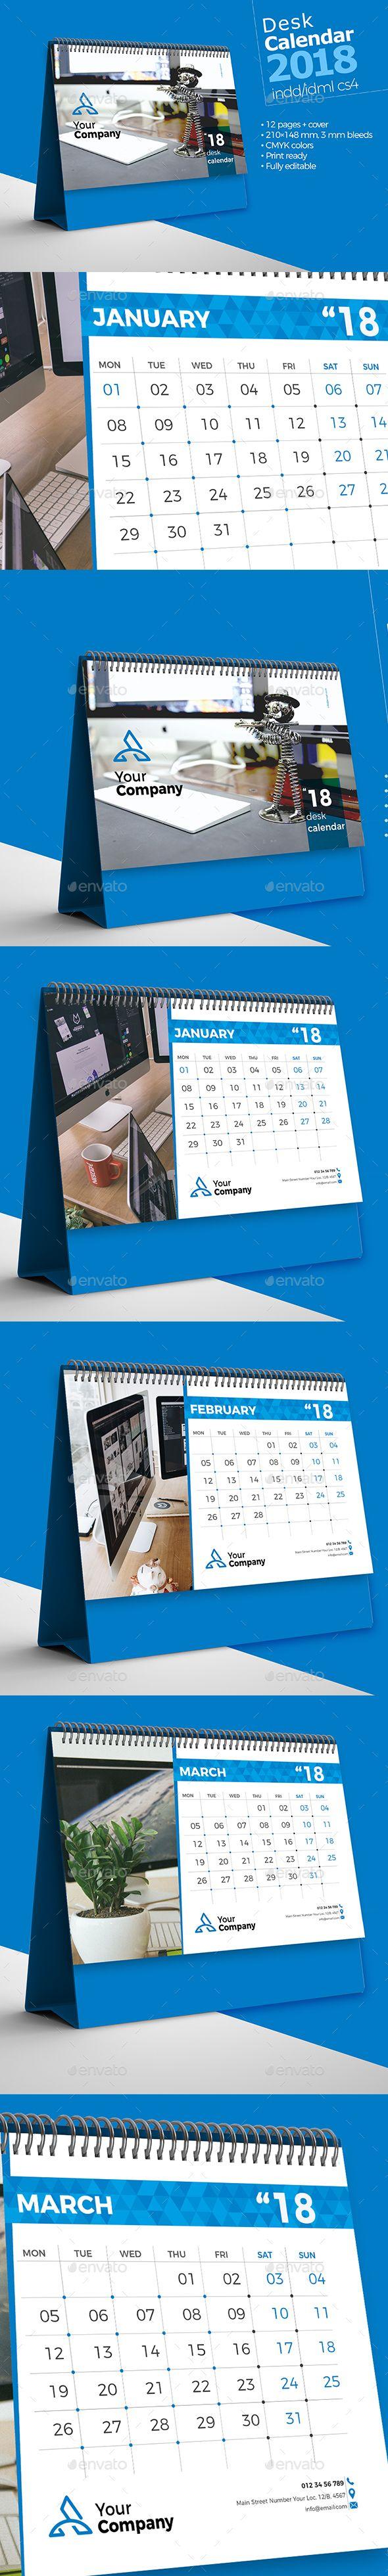 Desk Calendar 2018 Template InDesign INDD - 210×148 mm